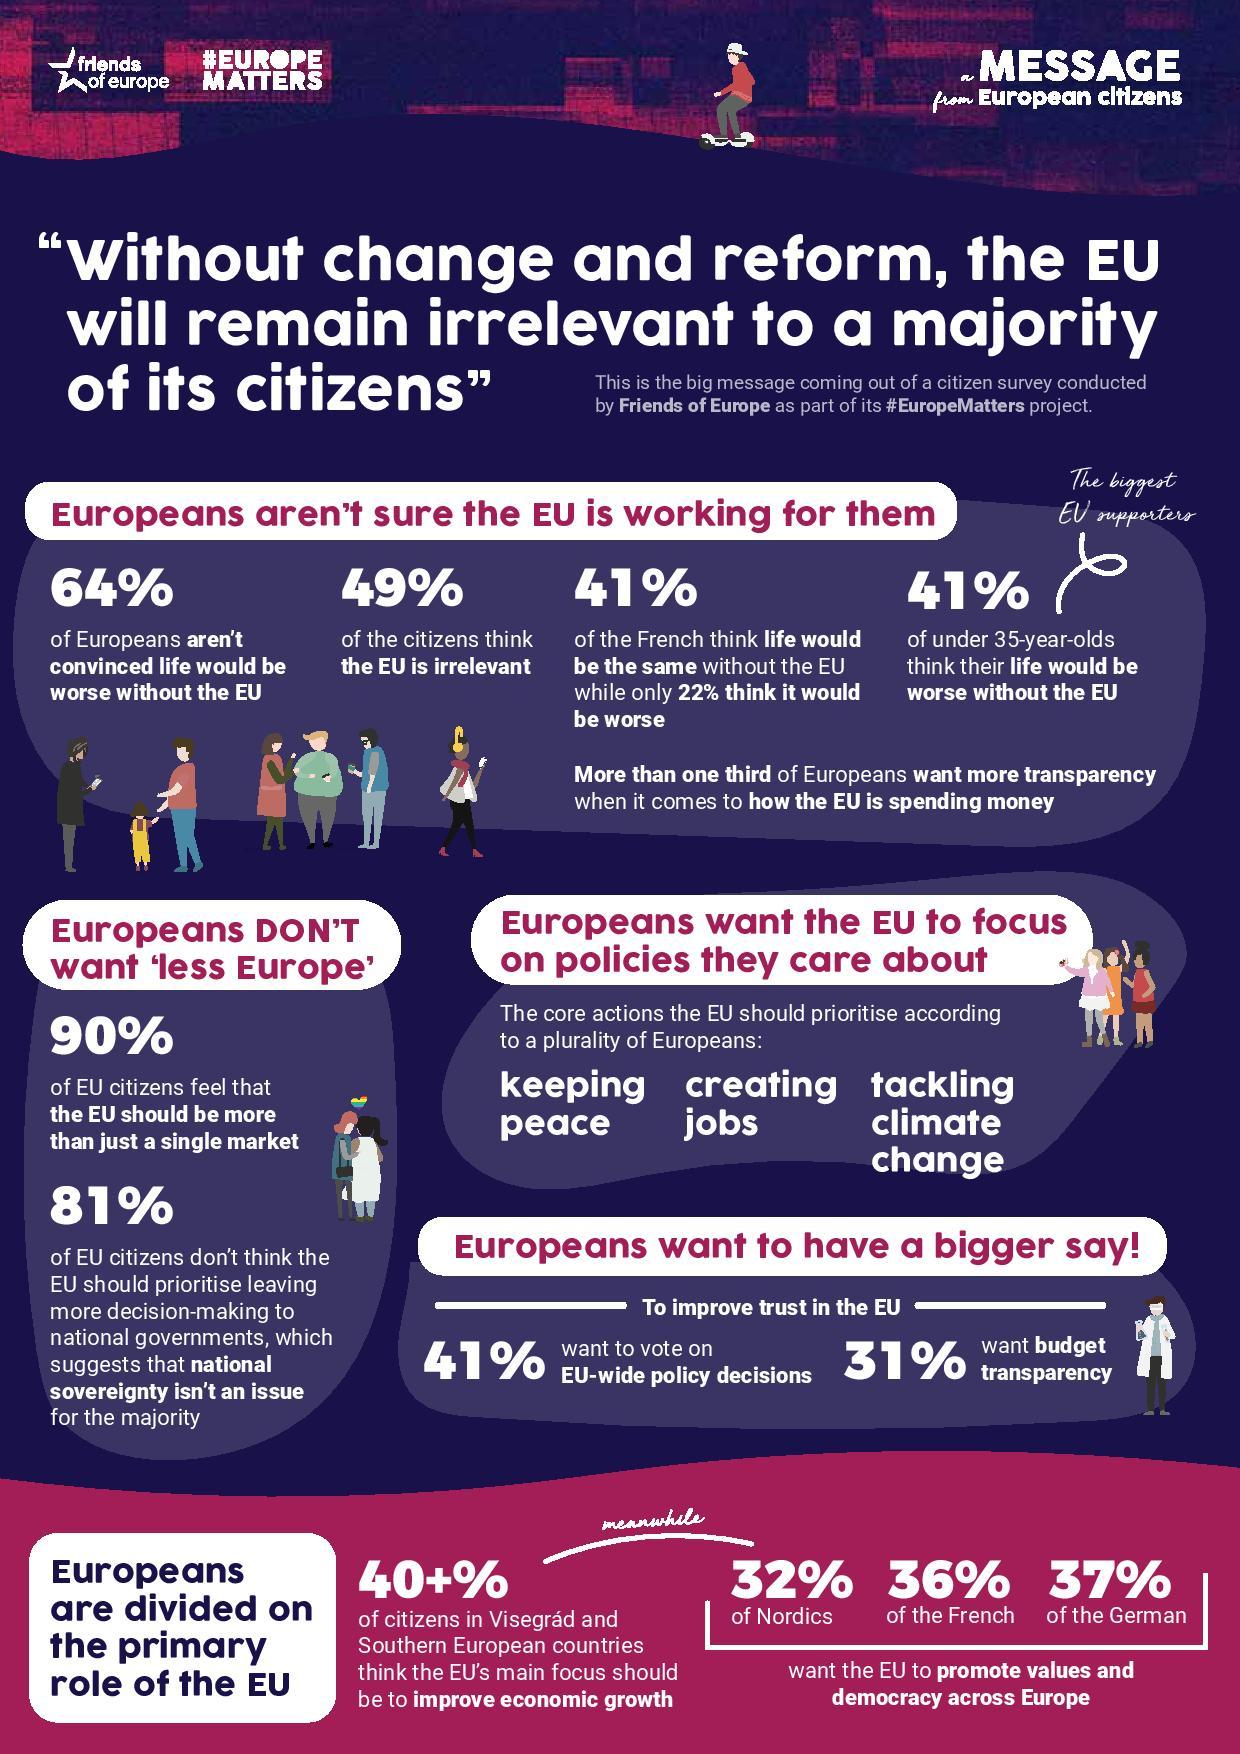 infographic web page 001 - Wäre das Leben ohne die EU schlechter?